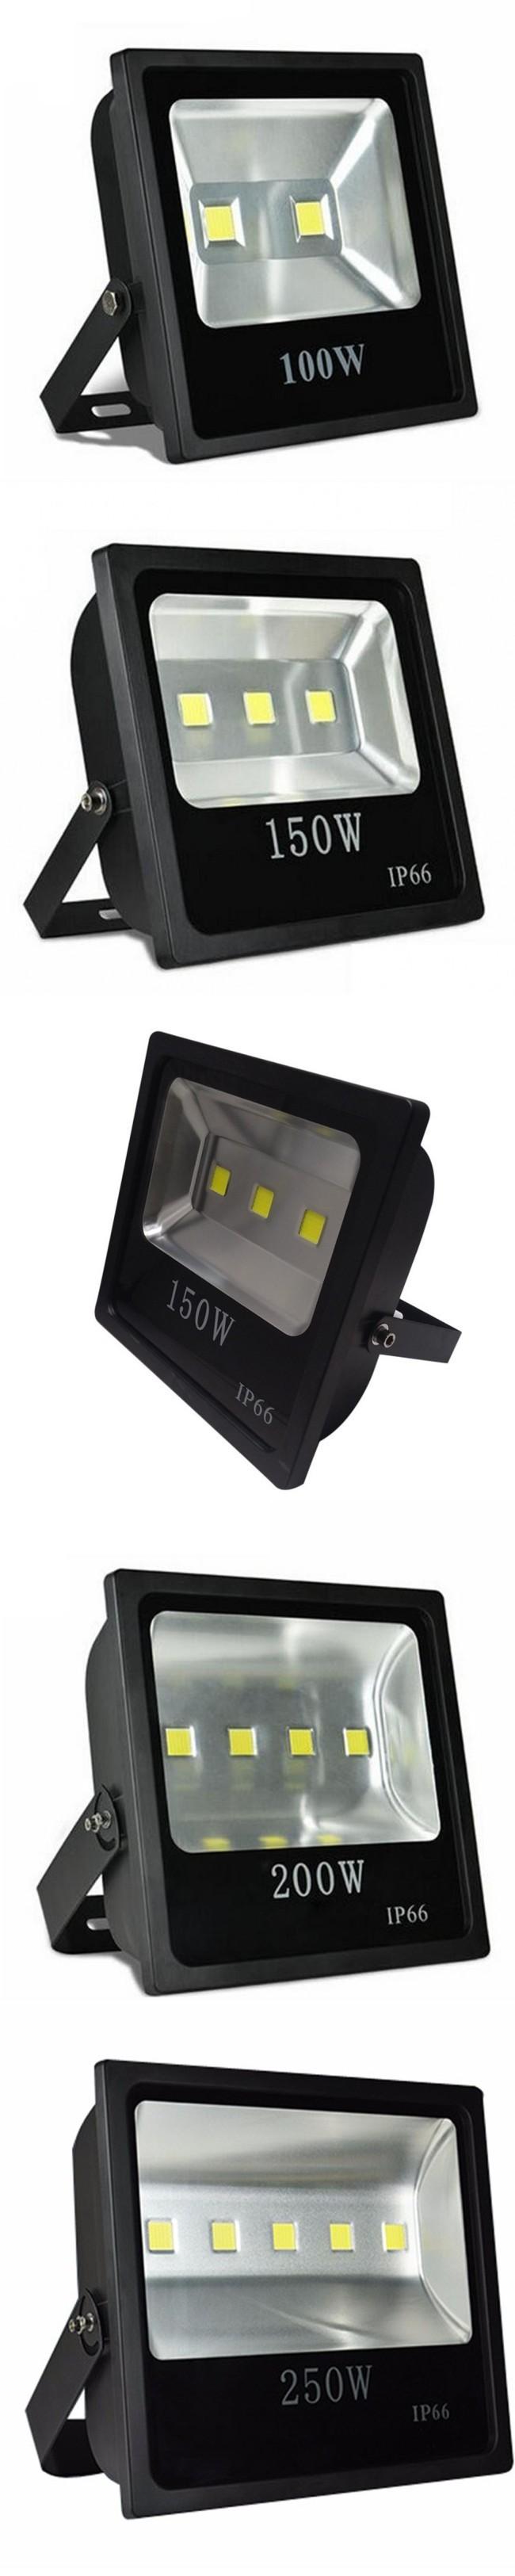 High Quality Low Price 120W COB LED Flood Light Driverless IP65 (100W-.83/120W-.23/150W-.01/160W-.54/200W-.92/250W-.53) 2-Year Warranty